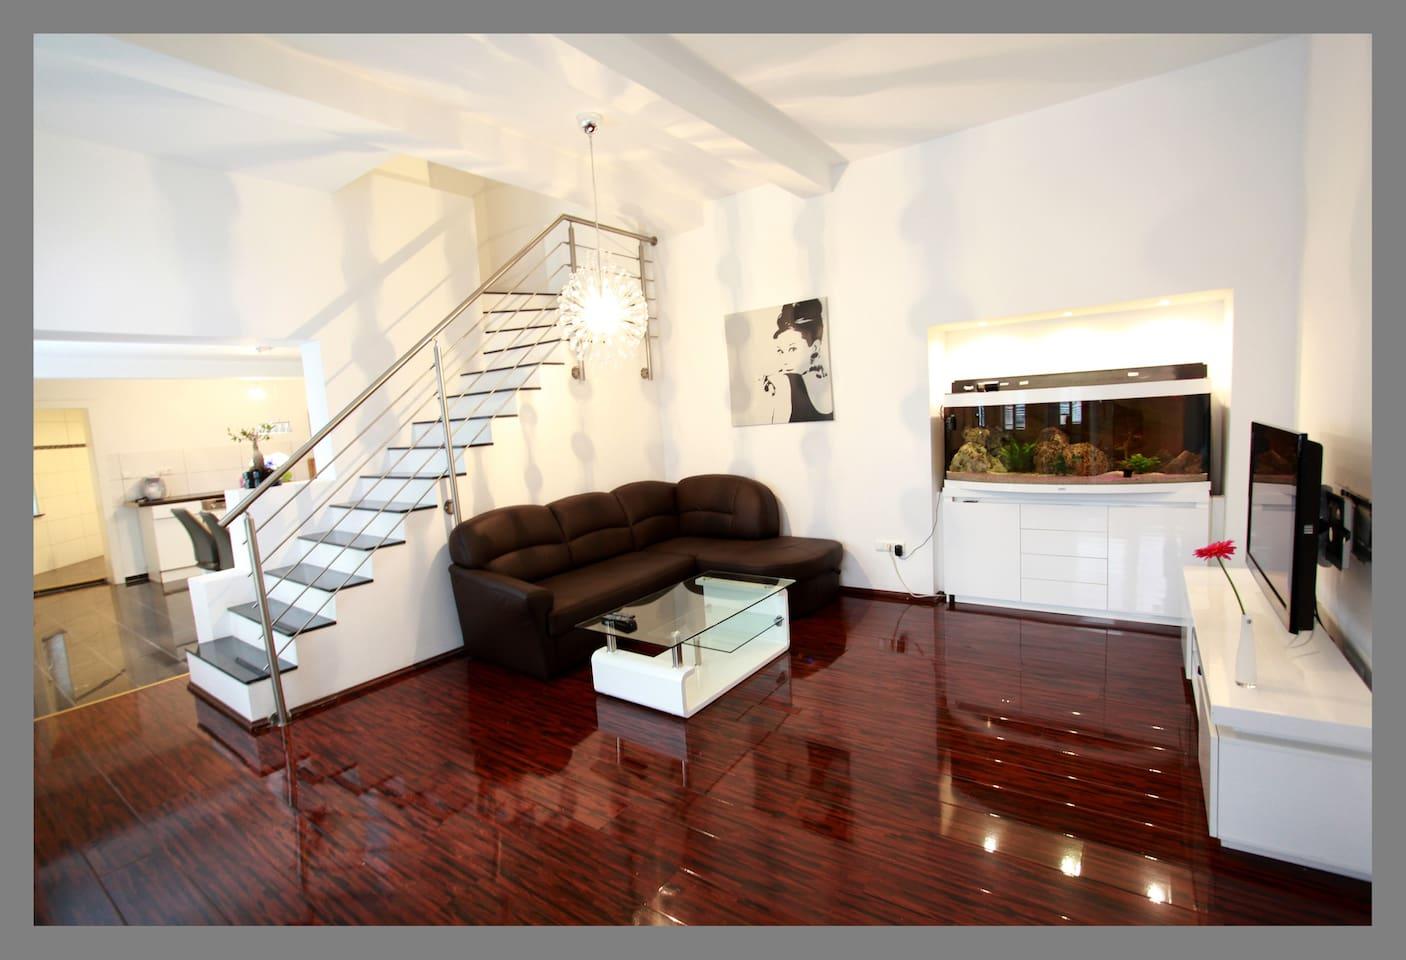 Stilvolles offenes Wohnzimmer mit Flatscreen-TV